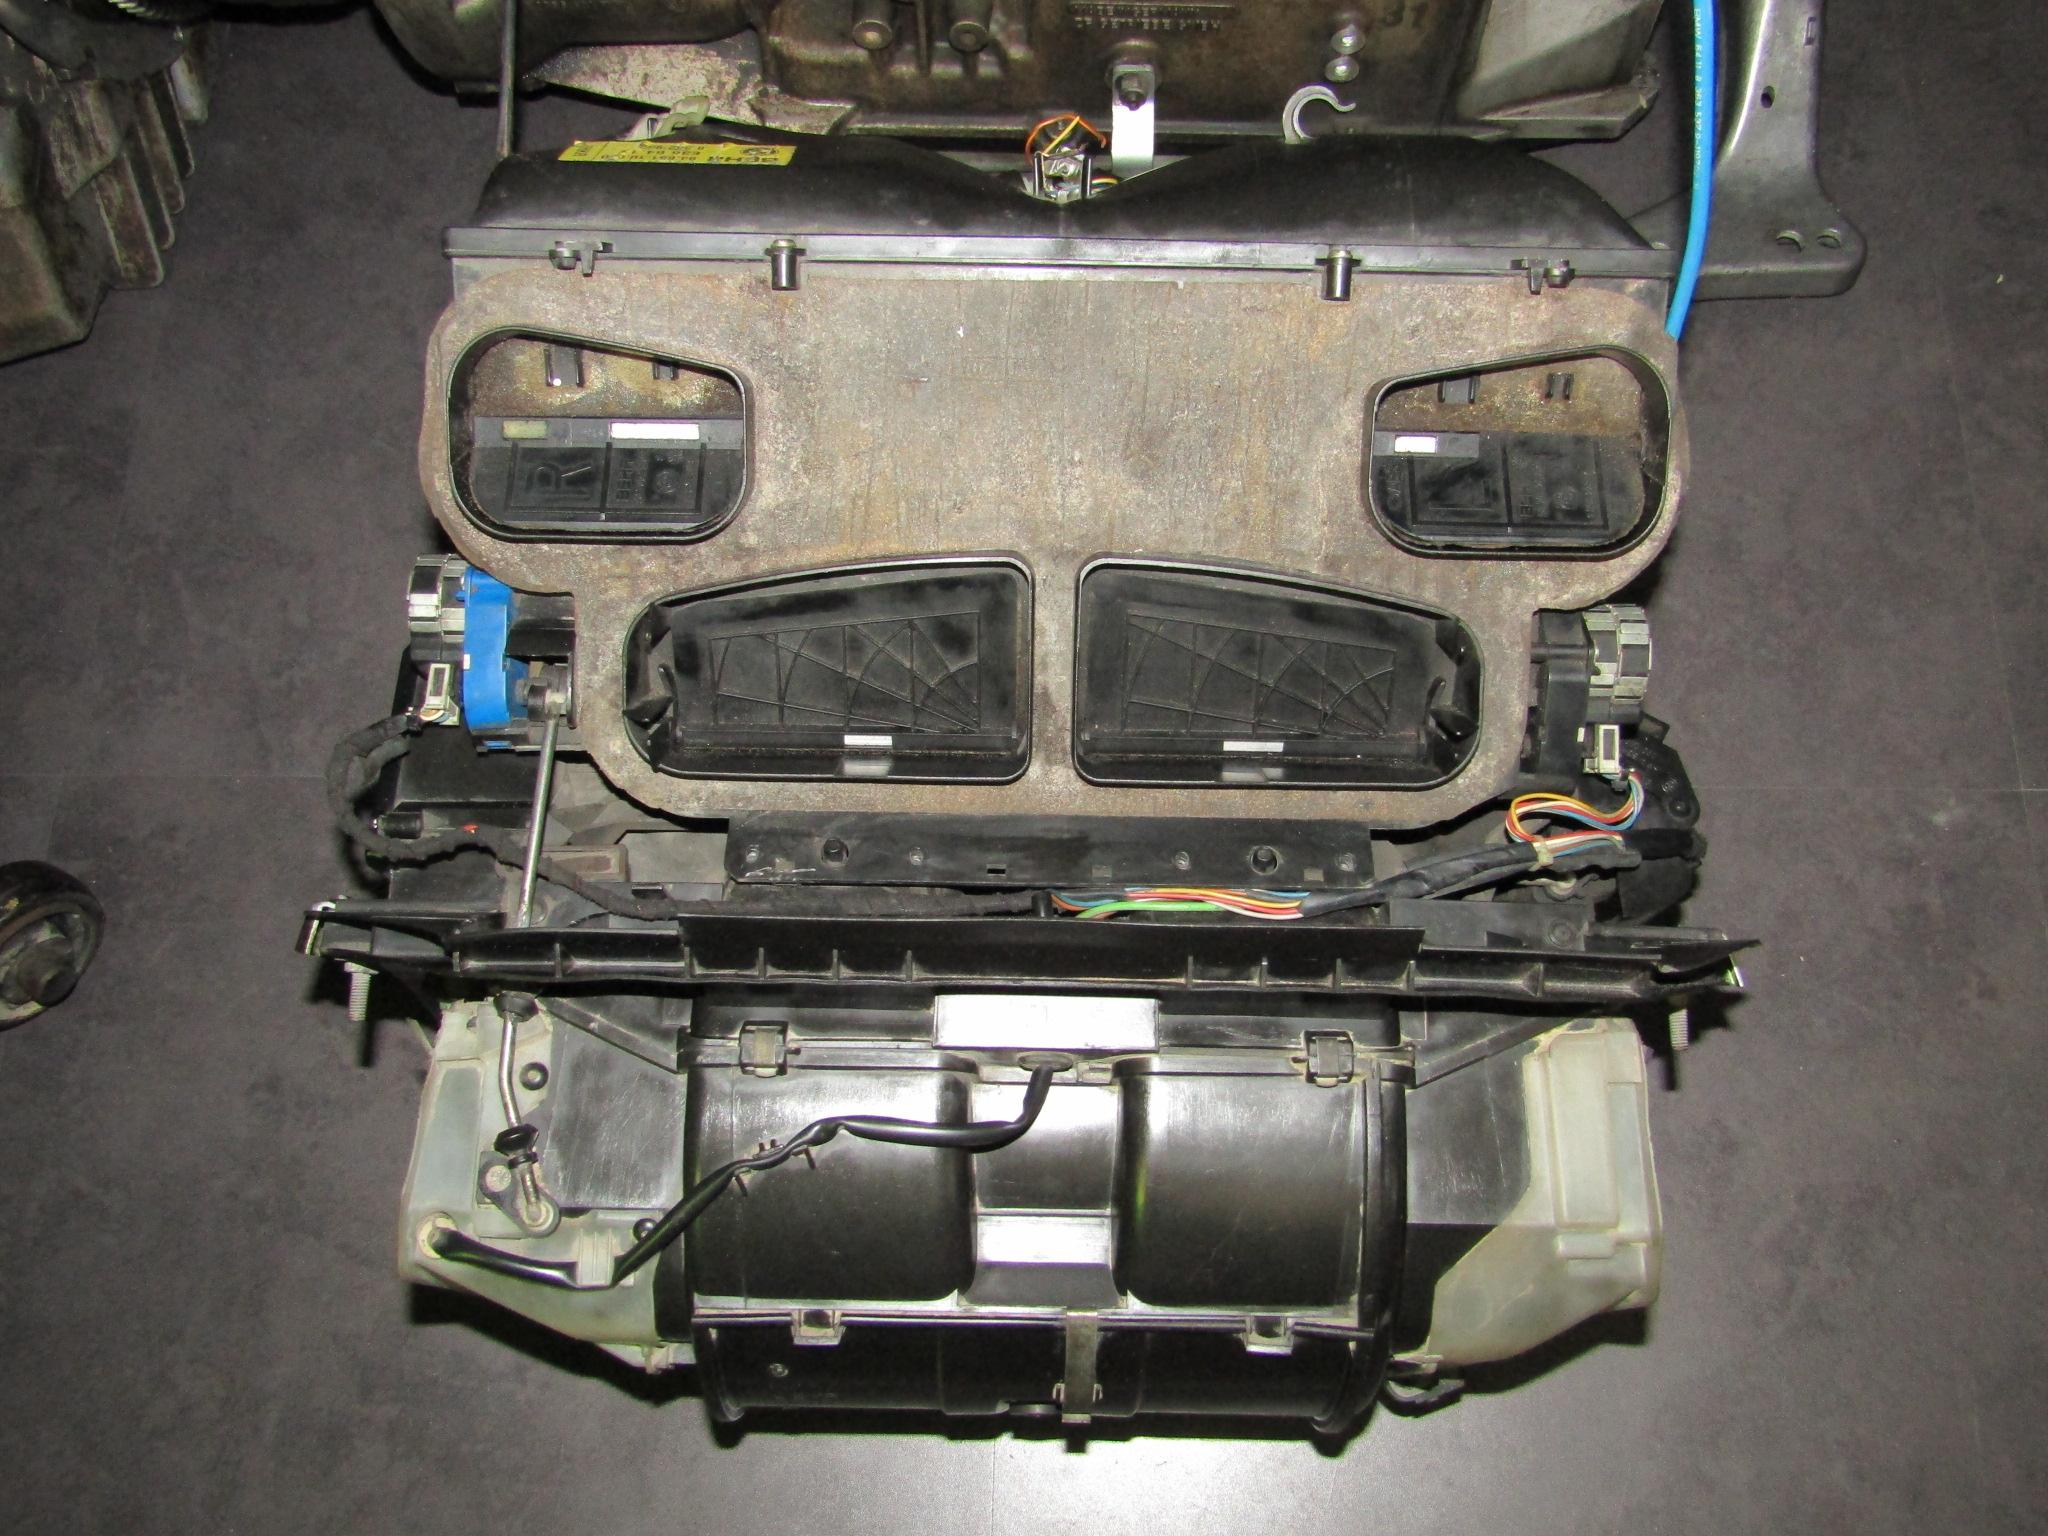 92 93 94 95年bmw宝马325i e36 空调鼓风机蒸发器暖风